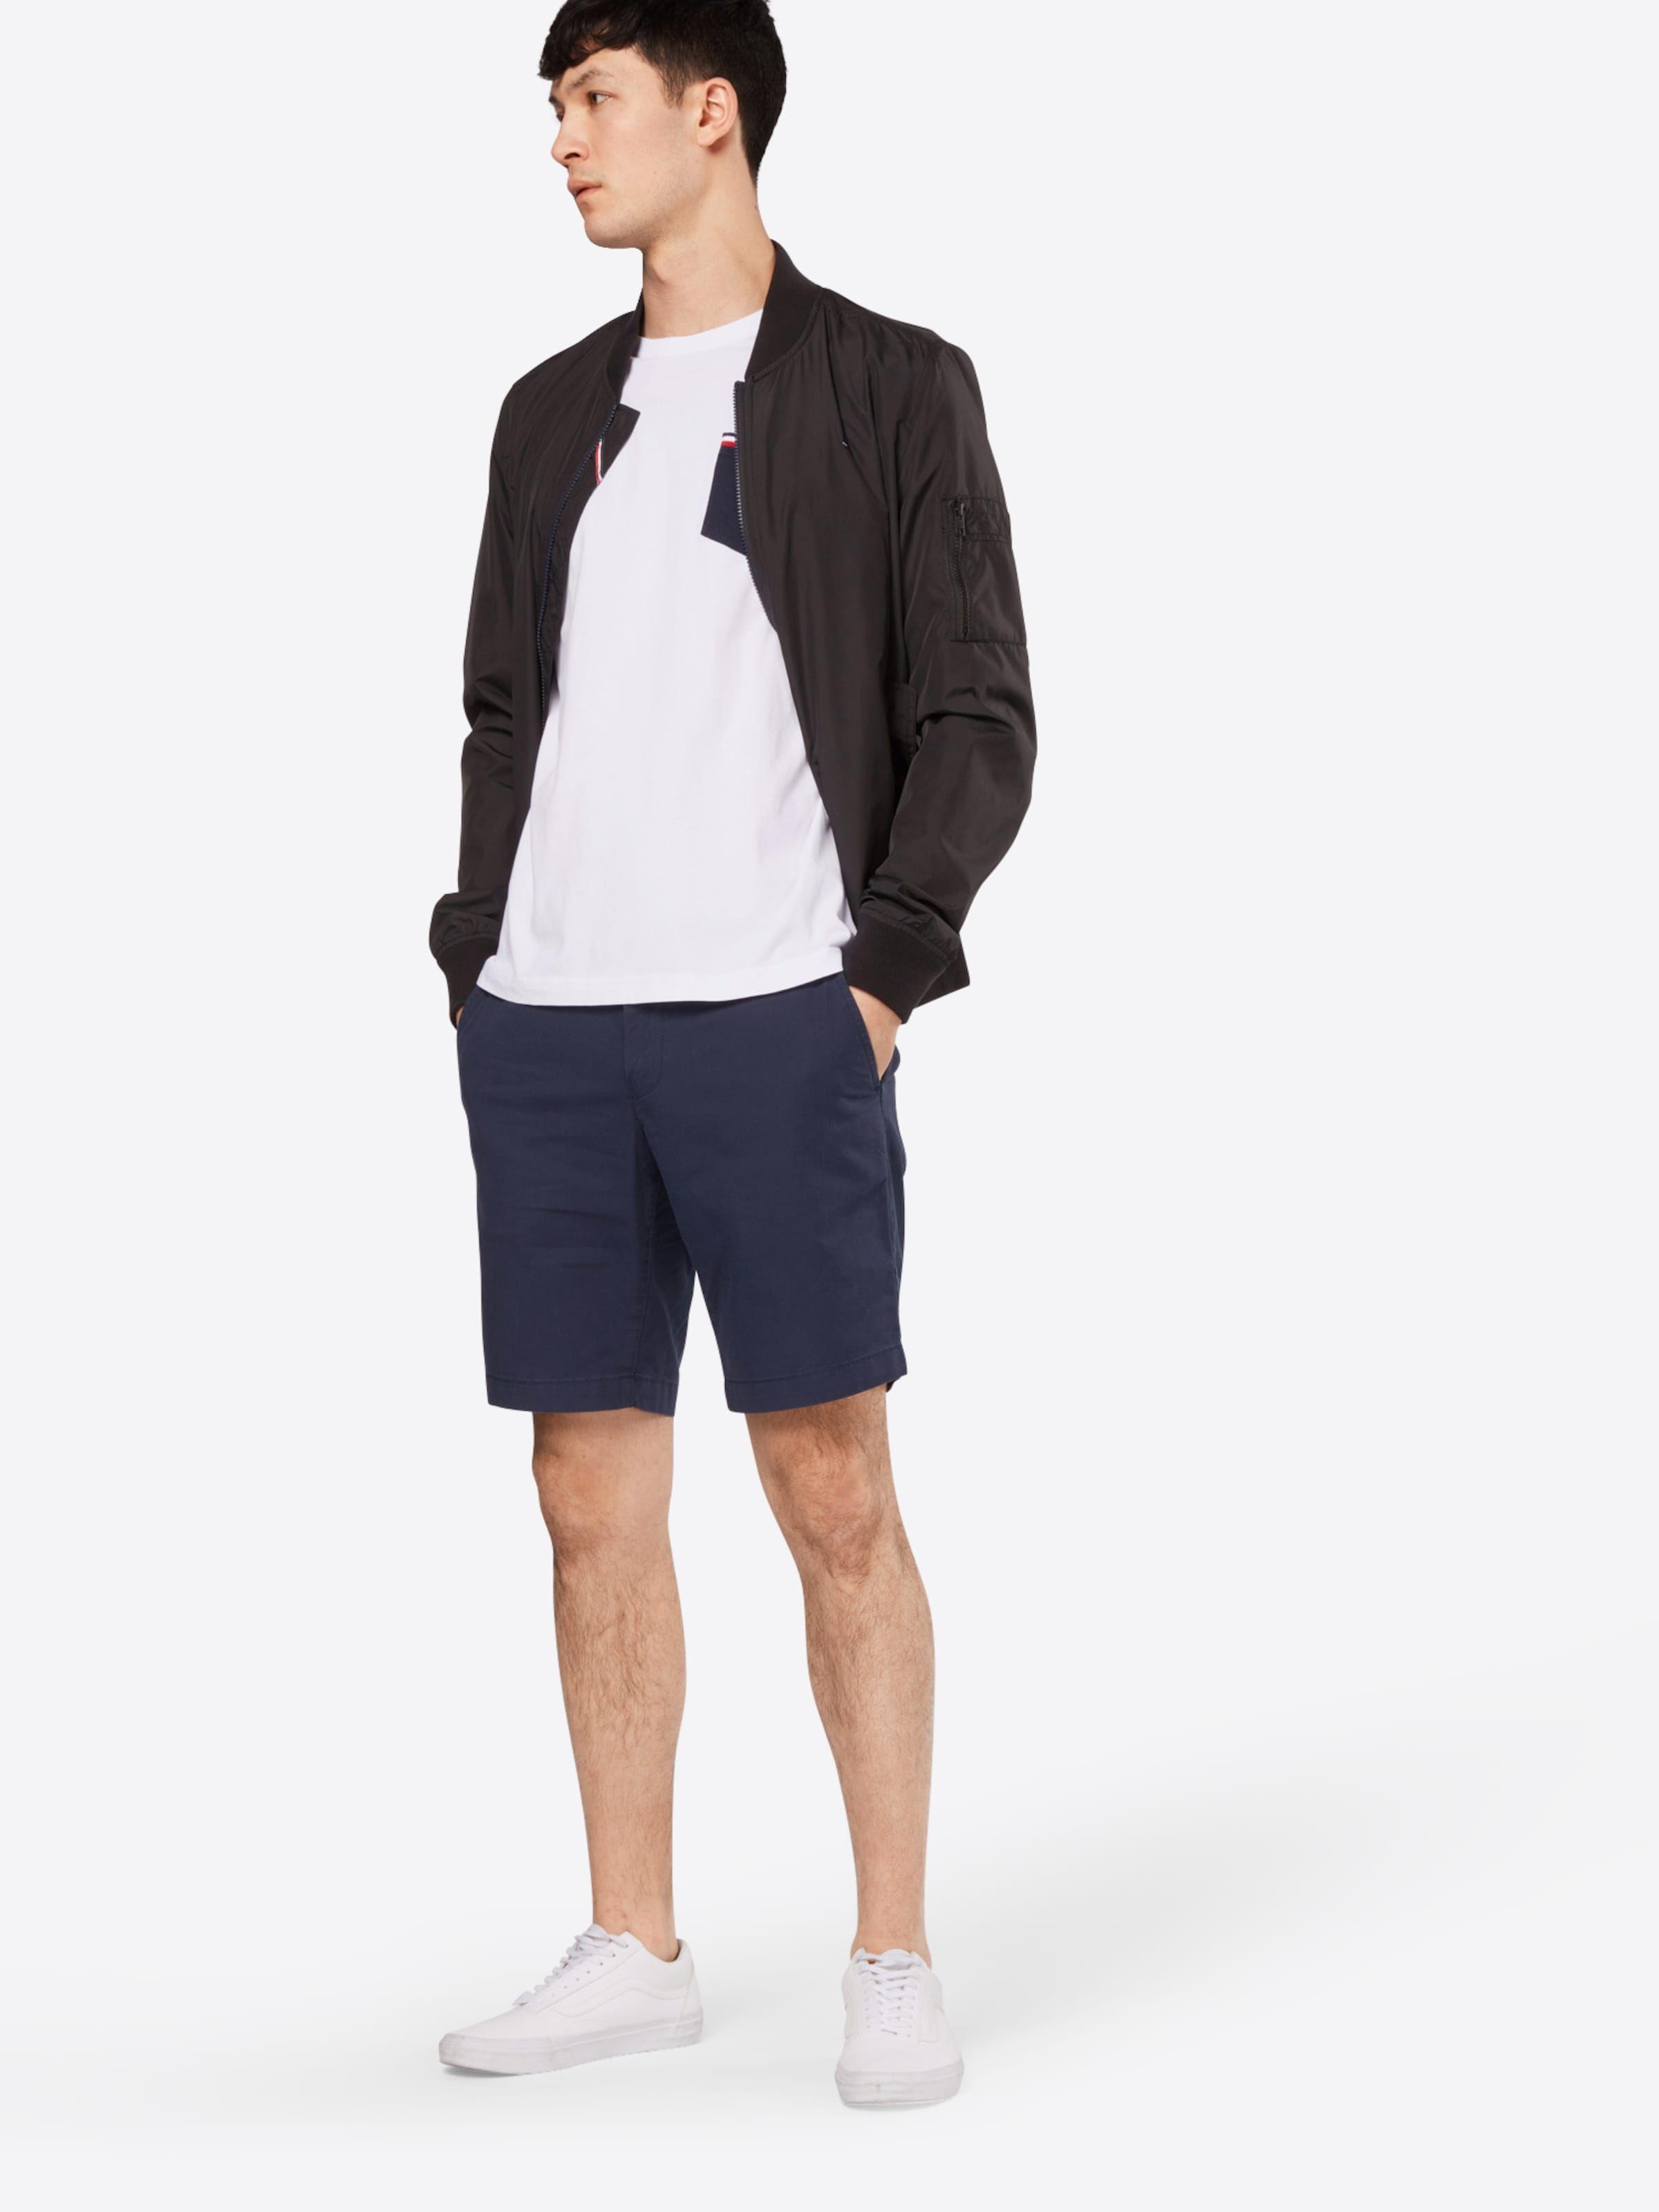 TOMMY HILFIGER T-Shirt 'POCKET ORGANIC COTTON' Bilder Zum Verkauf Billig Ausverkauf Gutes Angebot Verkauf Von Top-Qualität Angebote 0lC7rLQ